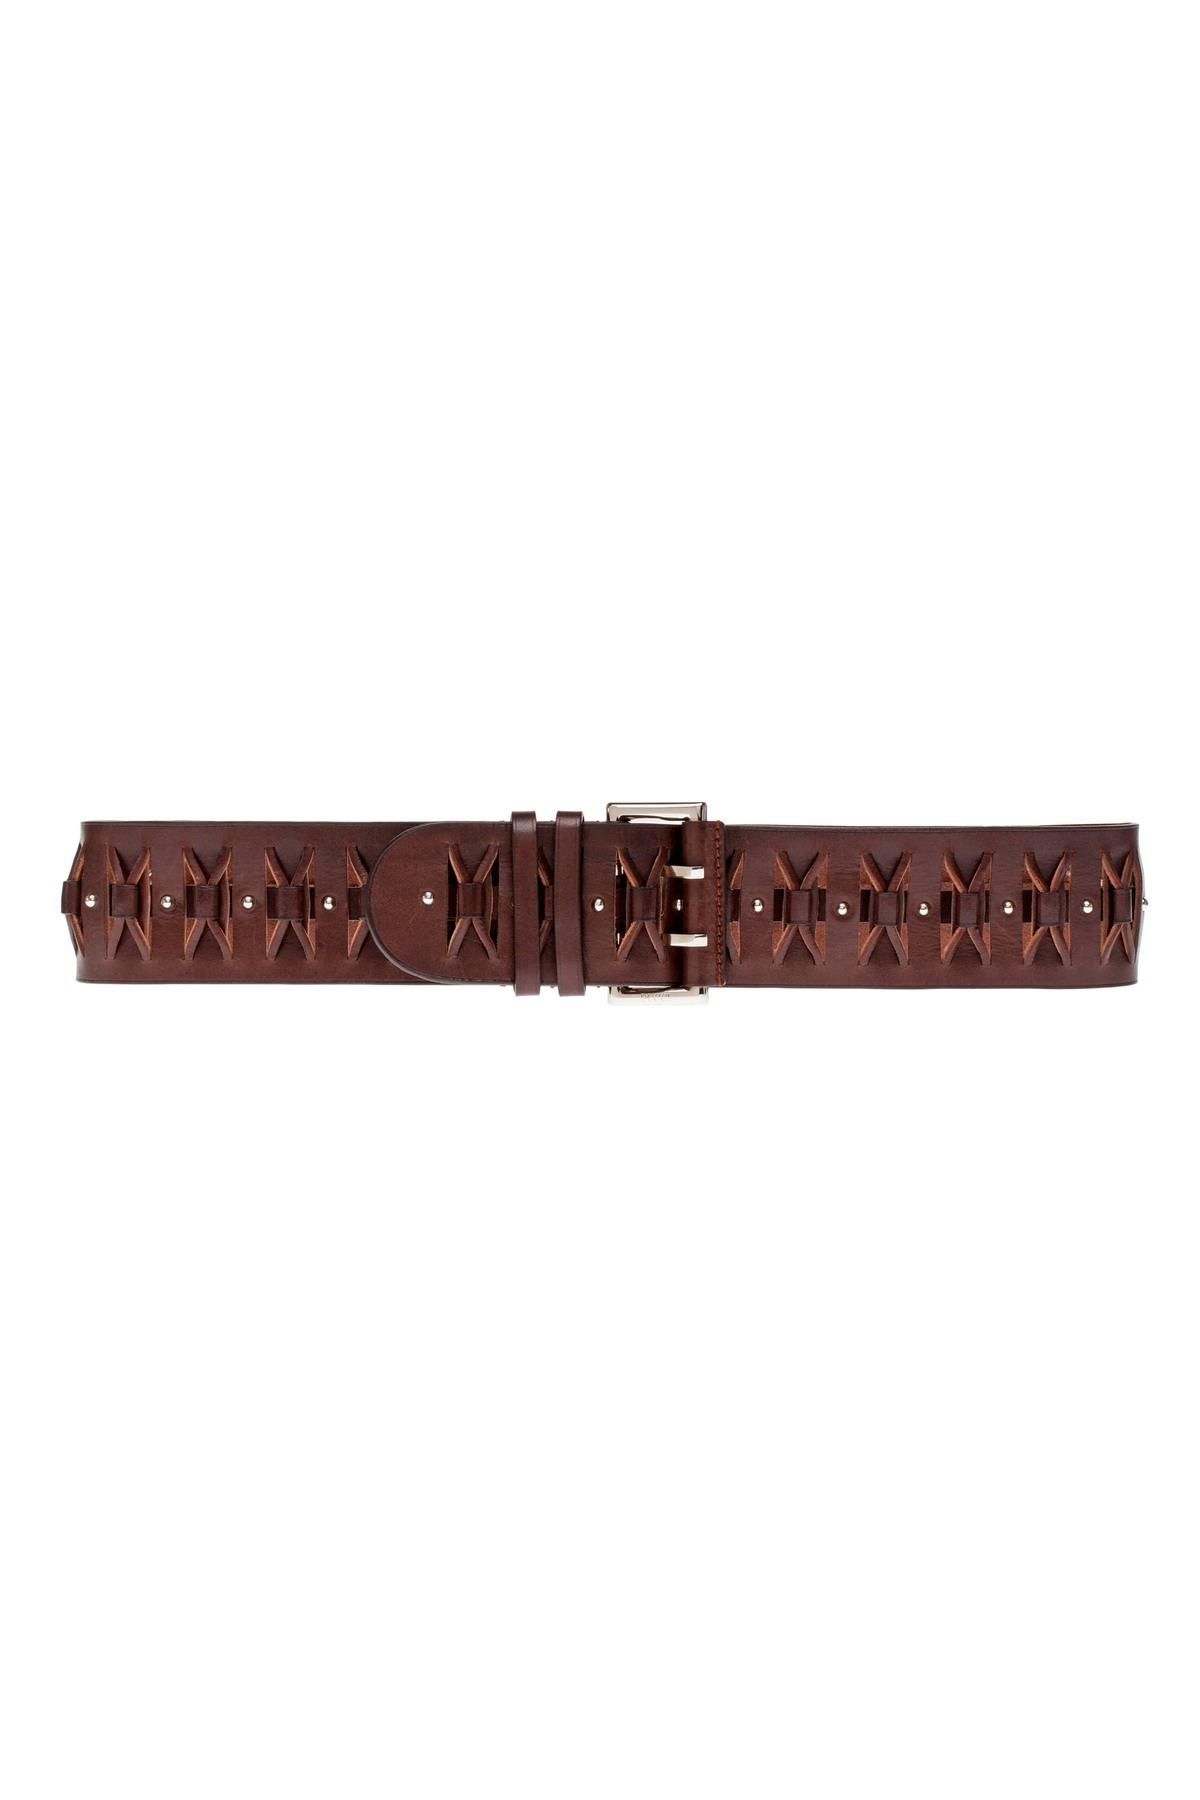 16_EmilioPucci_accessories_SS2015_ridimensionare